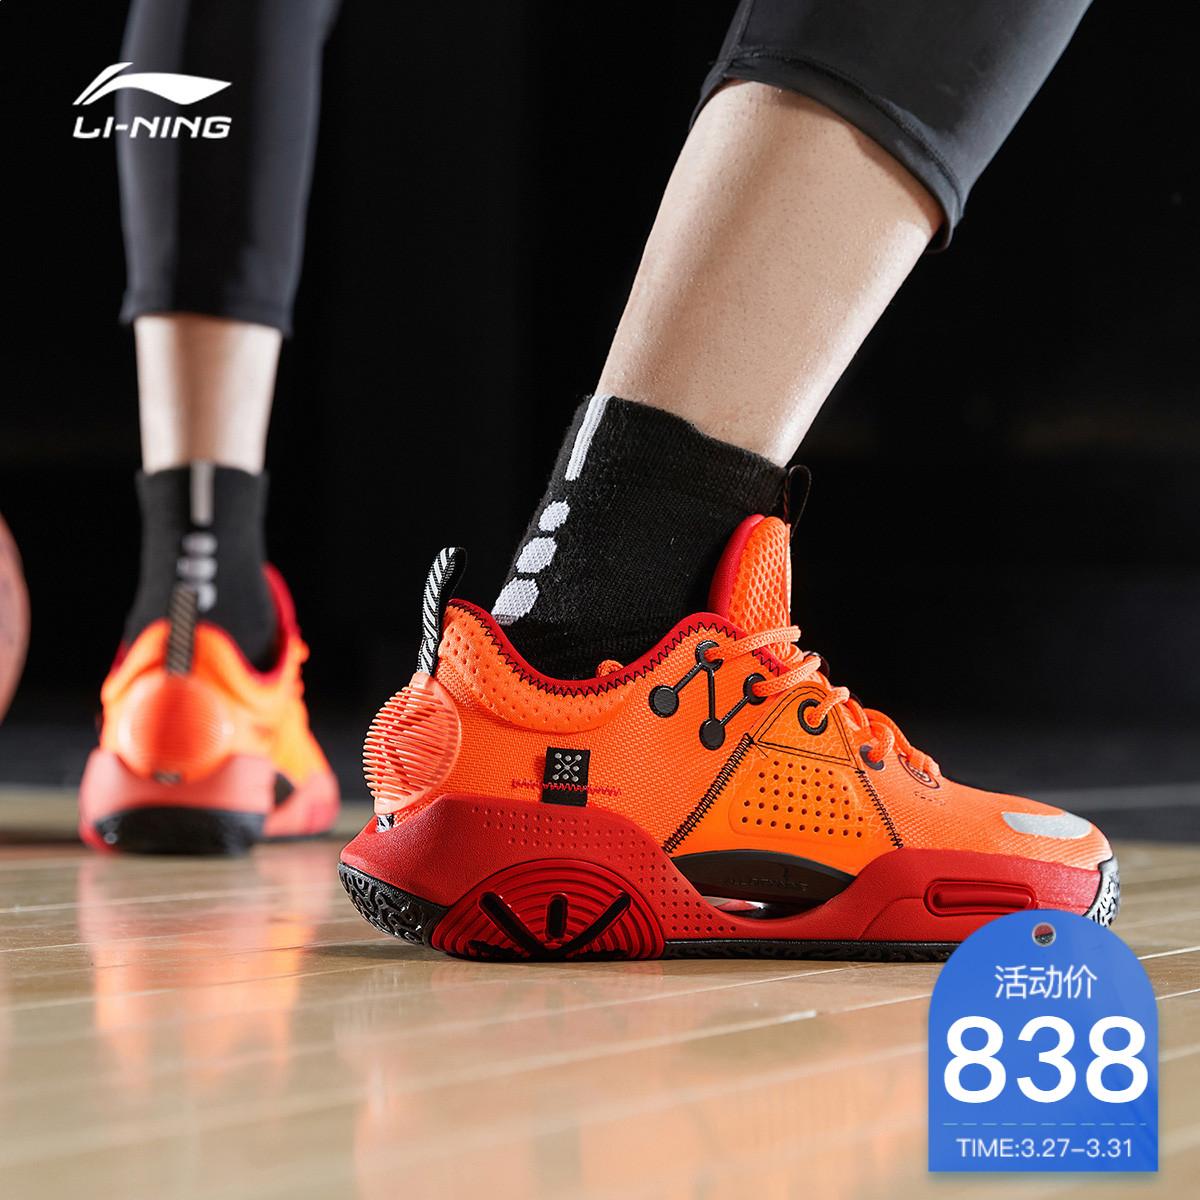 李宁䨻beng韦德系列全城9男篮球鞋质量好不好